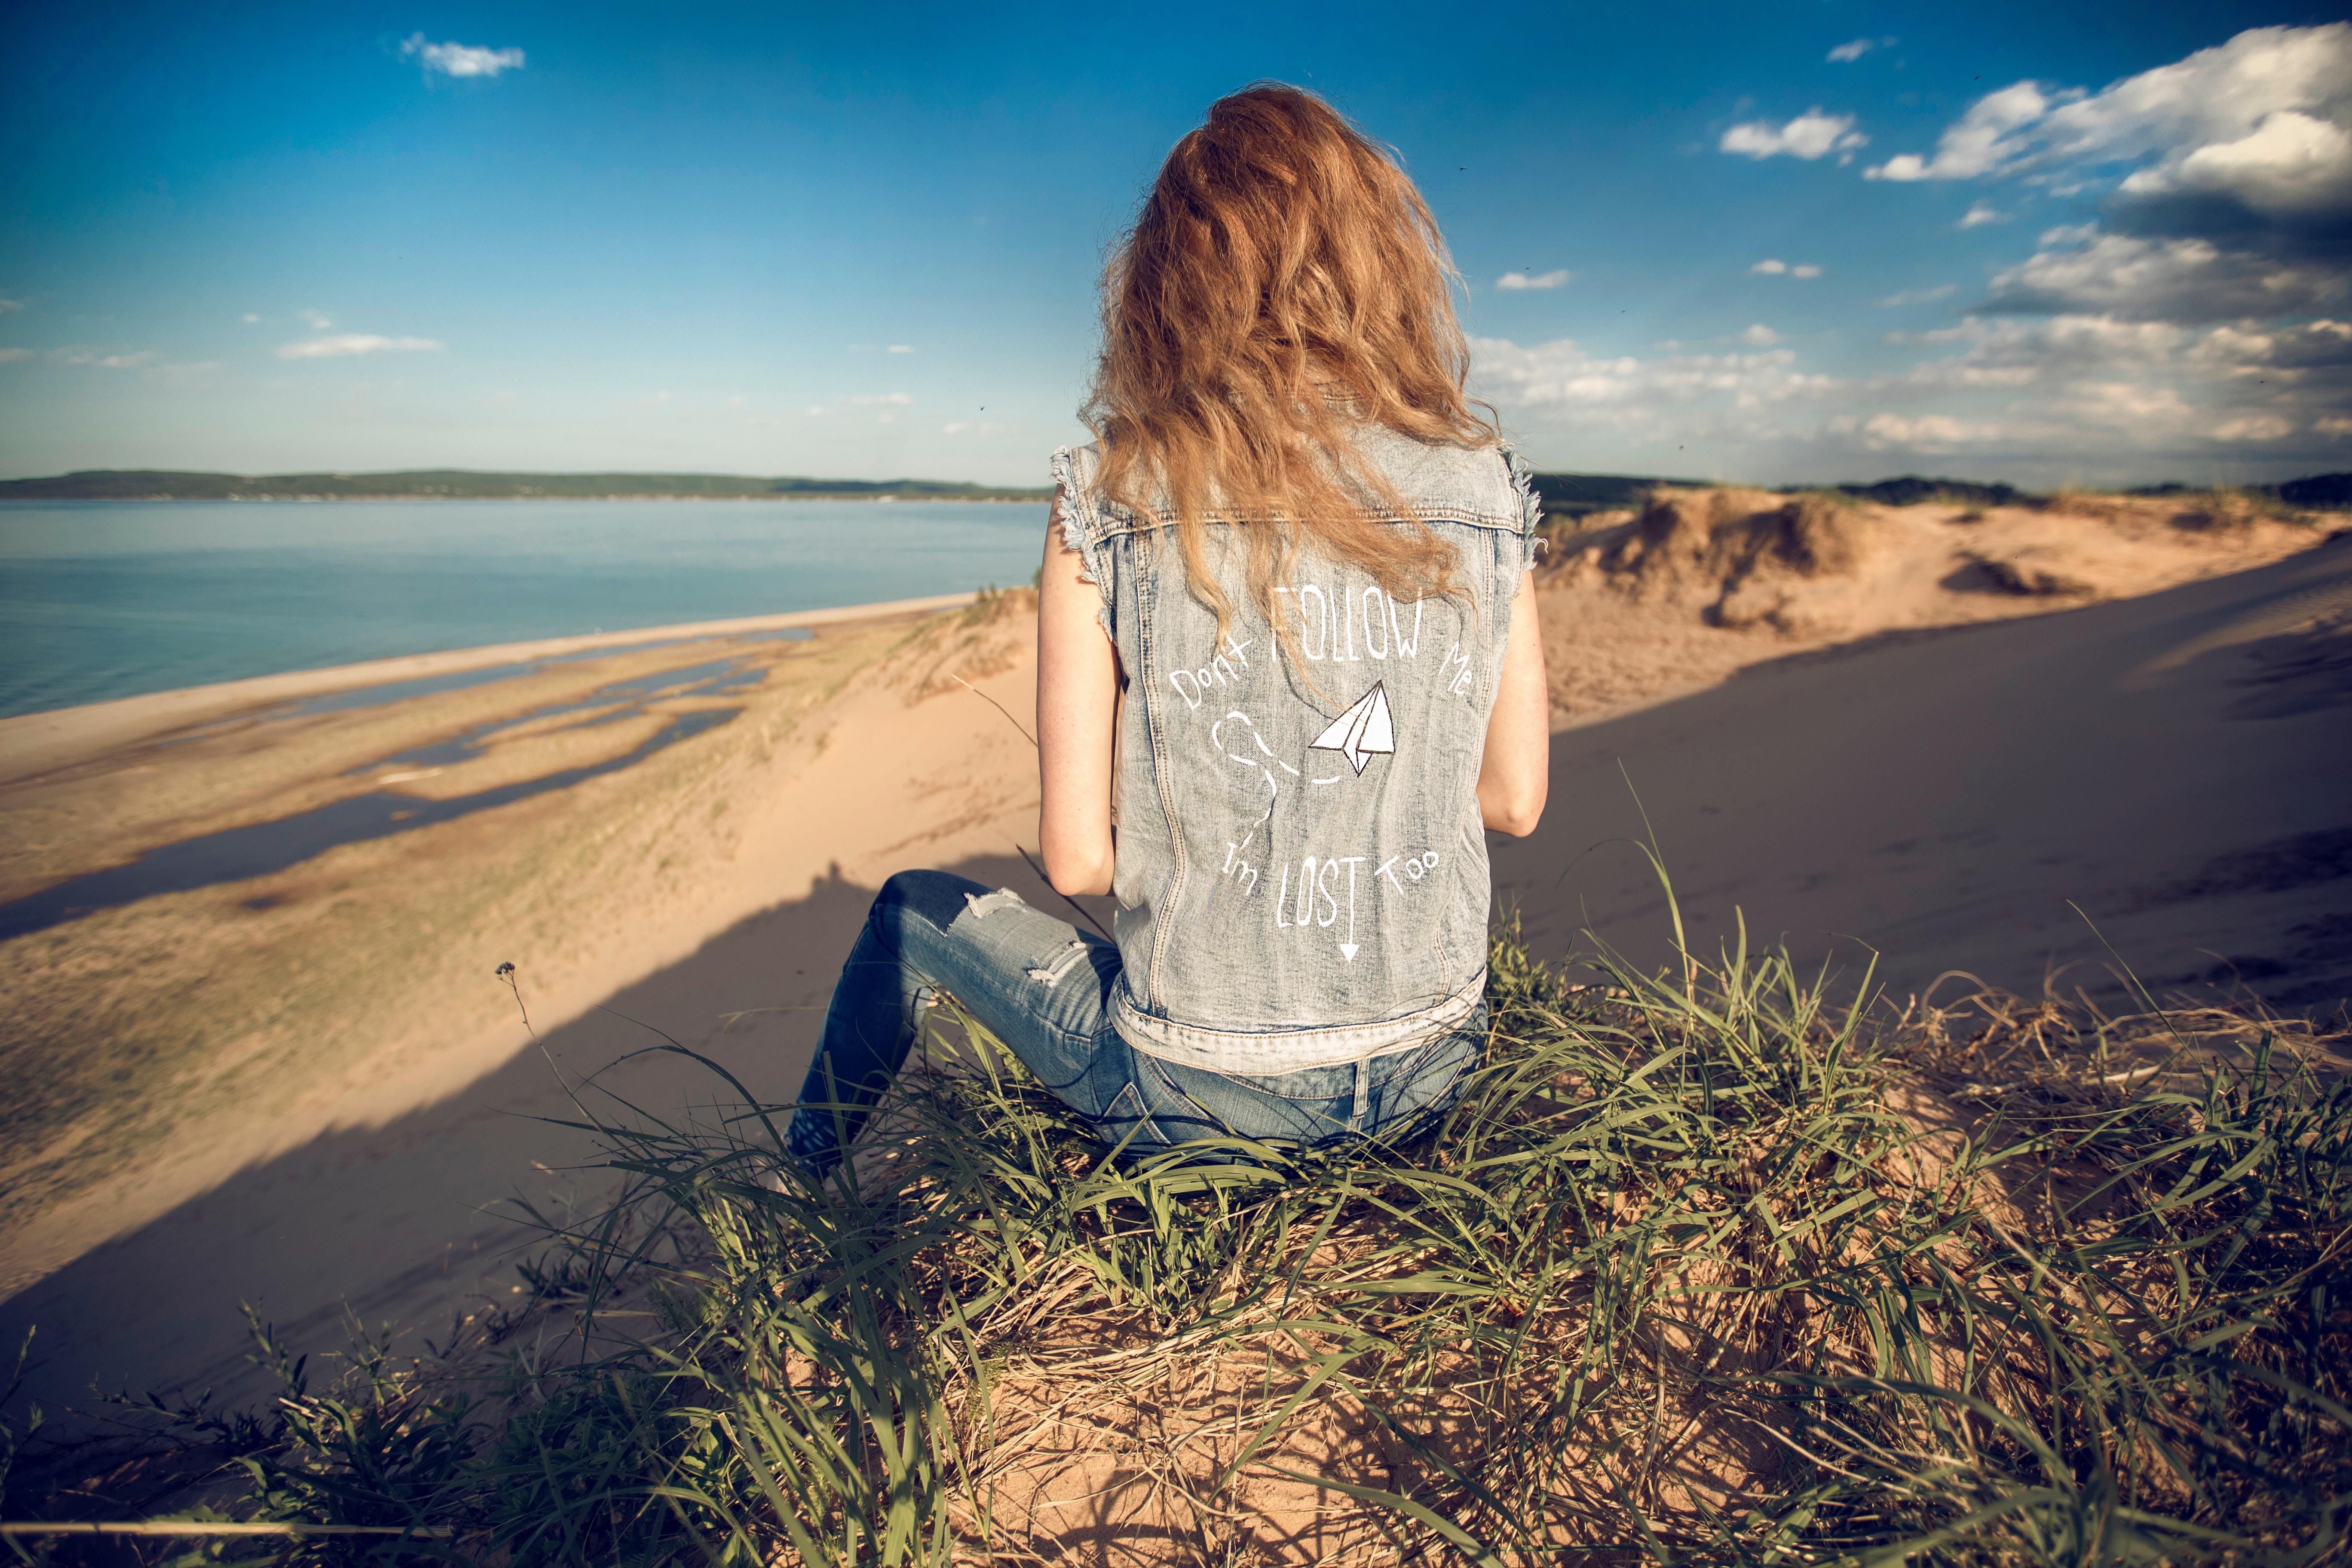 liv, hvad vil du, beslutninger, drømme, valg, vilje, fremtid